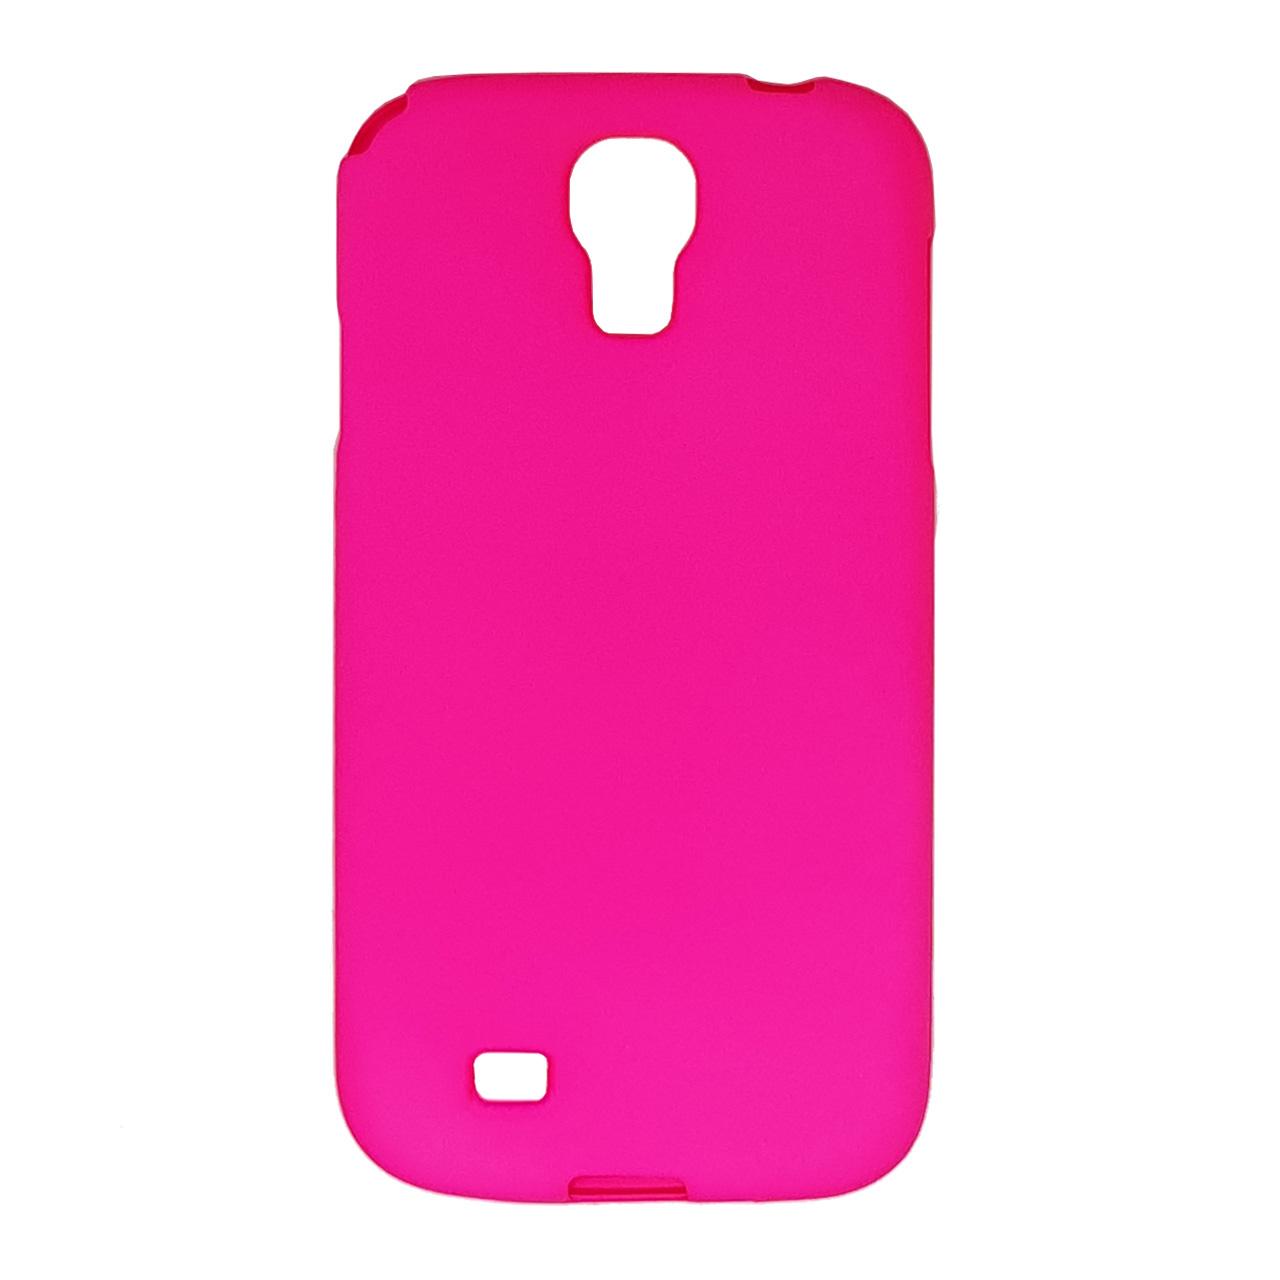 کاور مدل S-51 مناسب برای گوشی موبایل سامسونگ Galaxy s4